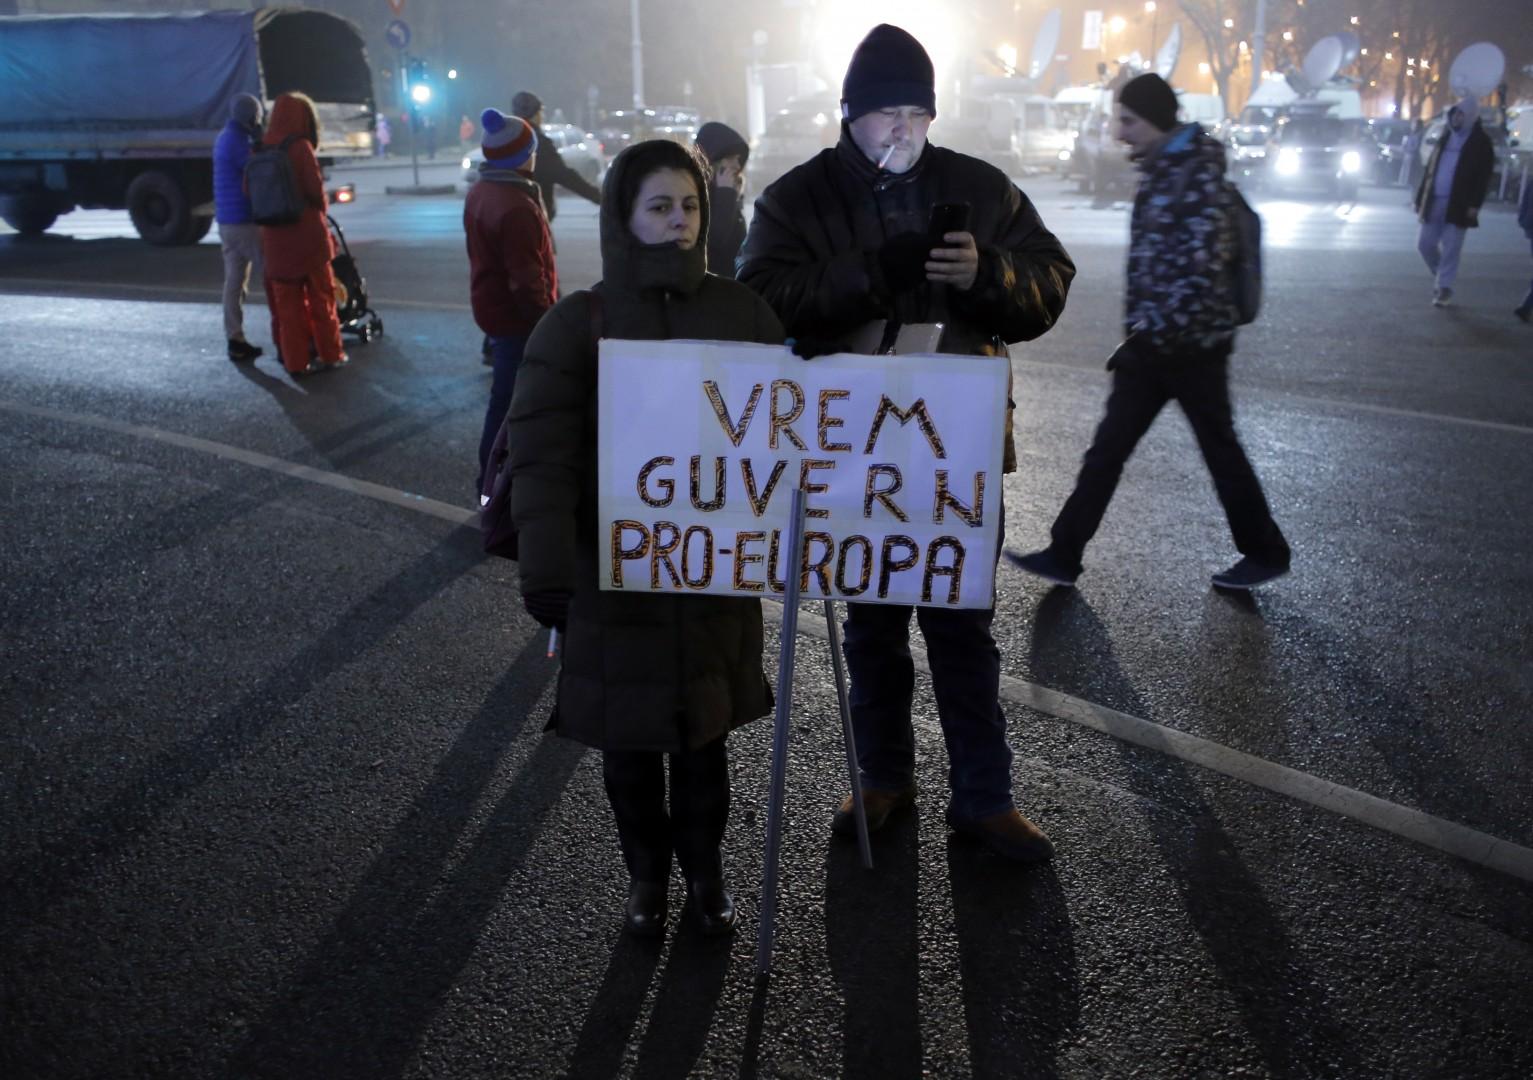 """Protestnika držita tablo z napisom: """"Želimo si pro-evropske vlade."""" (foto: epa)"""